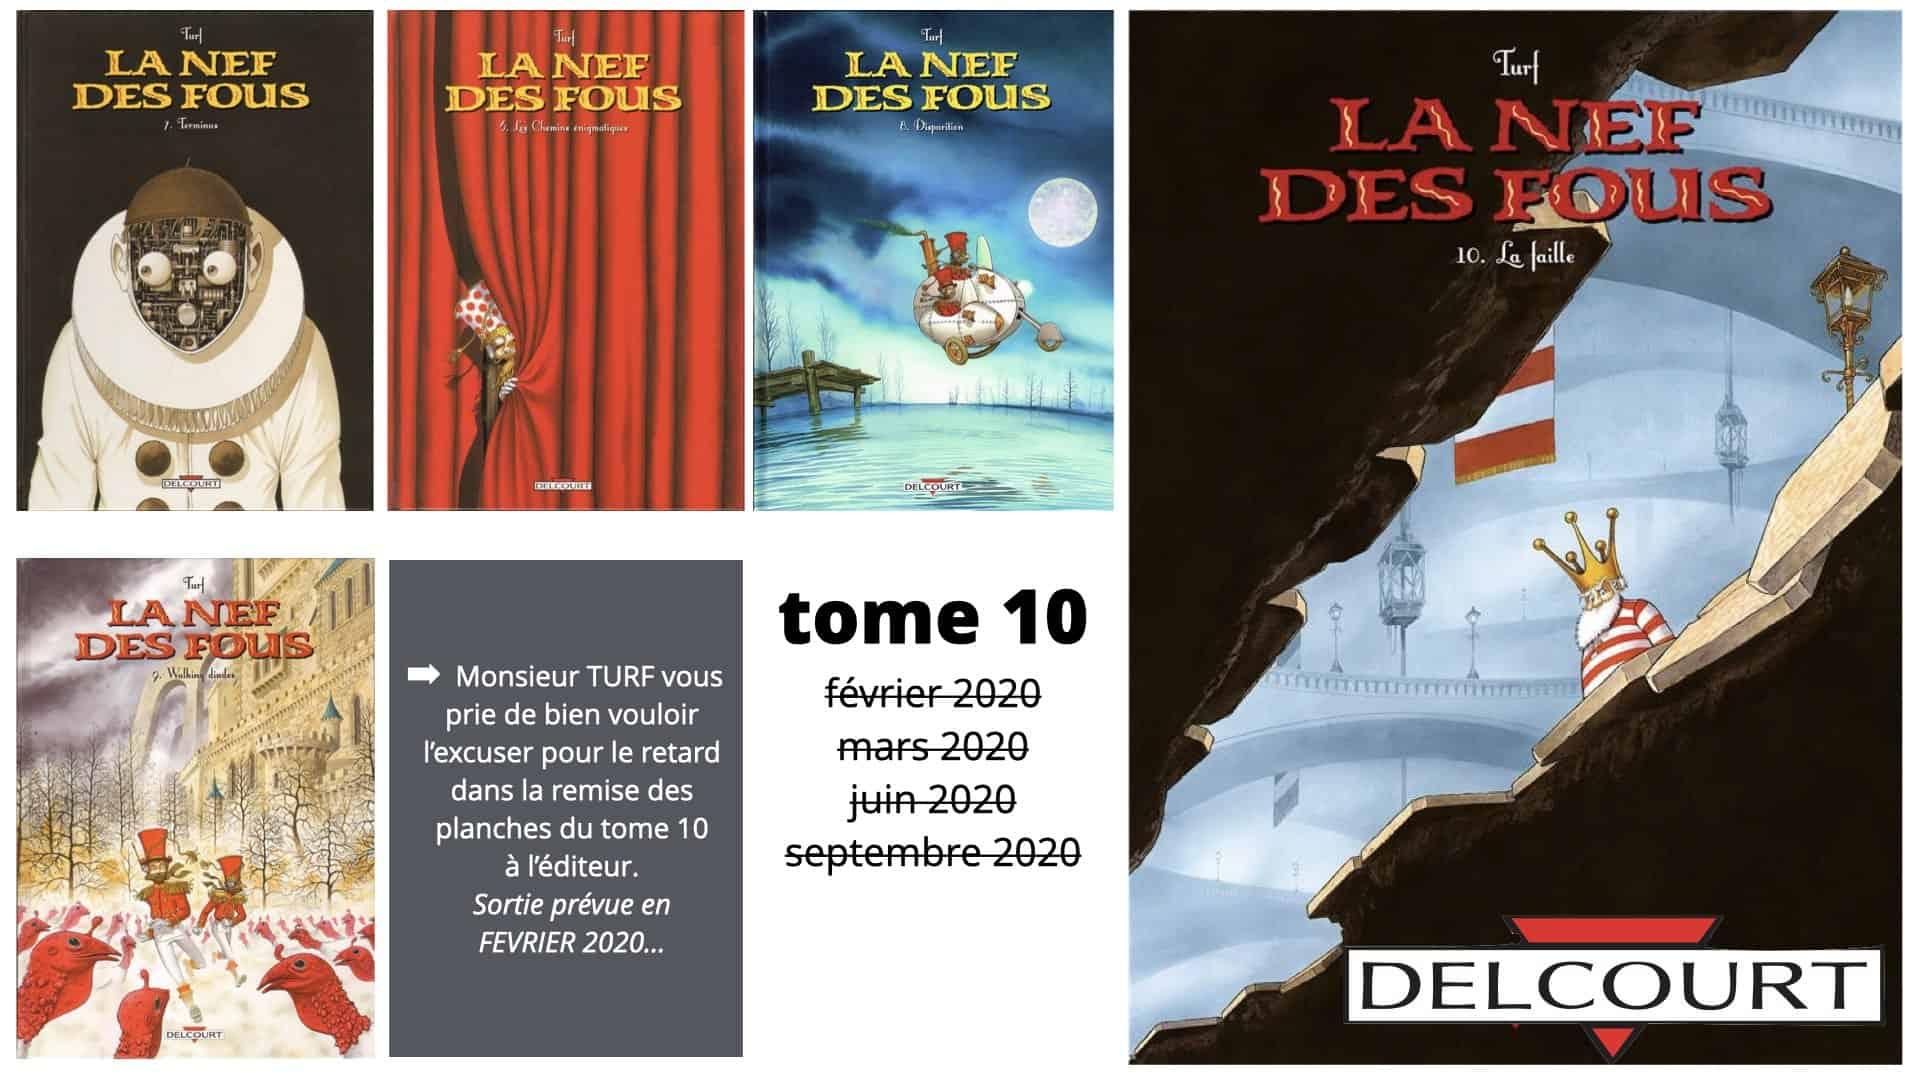 générique Delcourt Soleil 2021 ***16:9***.017